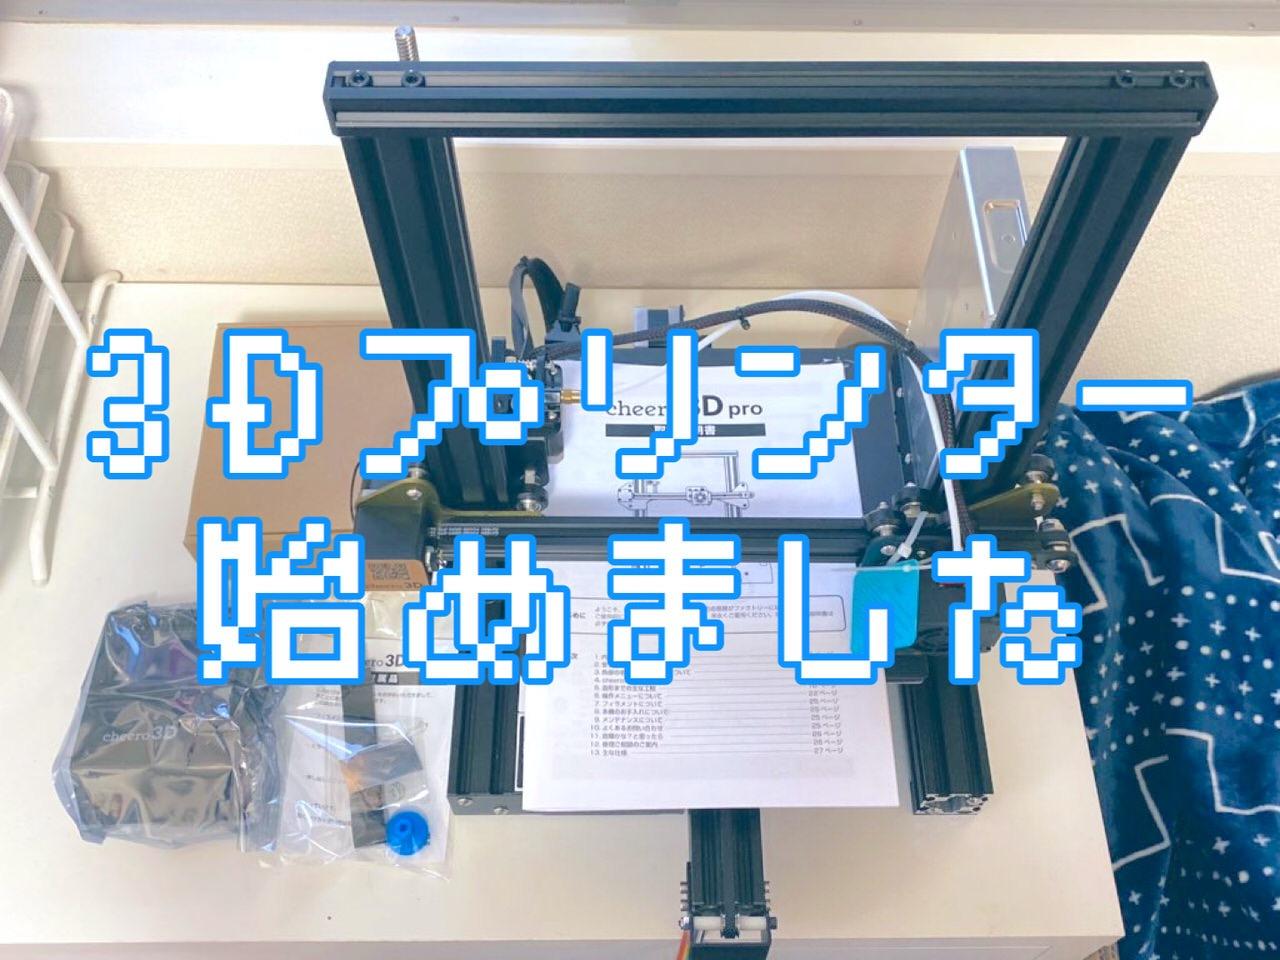 【3Dプリンター始めました】「cheero3D Pro」3Dプリンター初心者のデビューメモ 〜購入から印刷まで